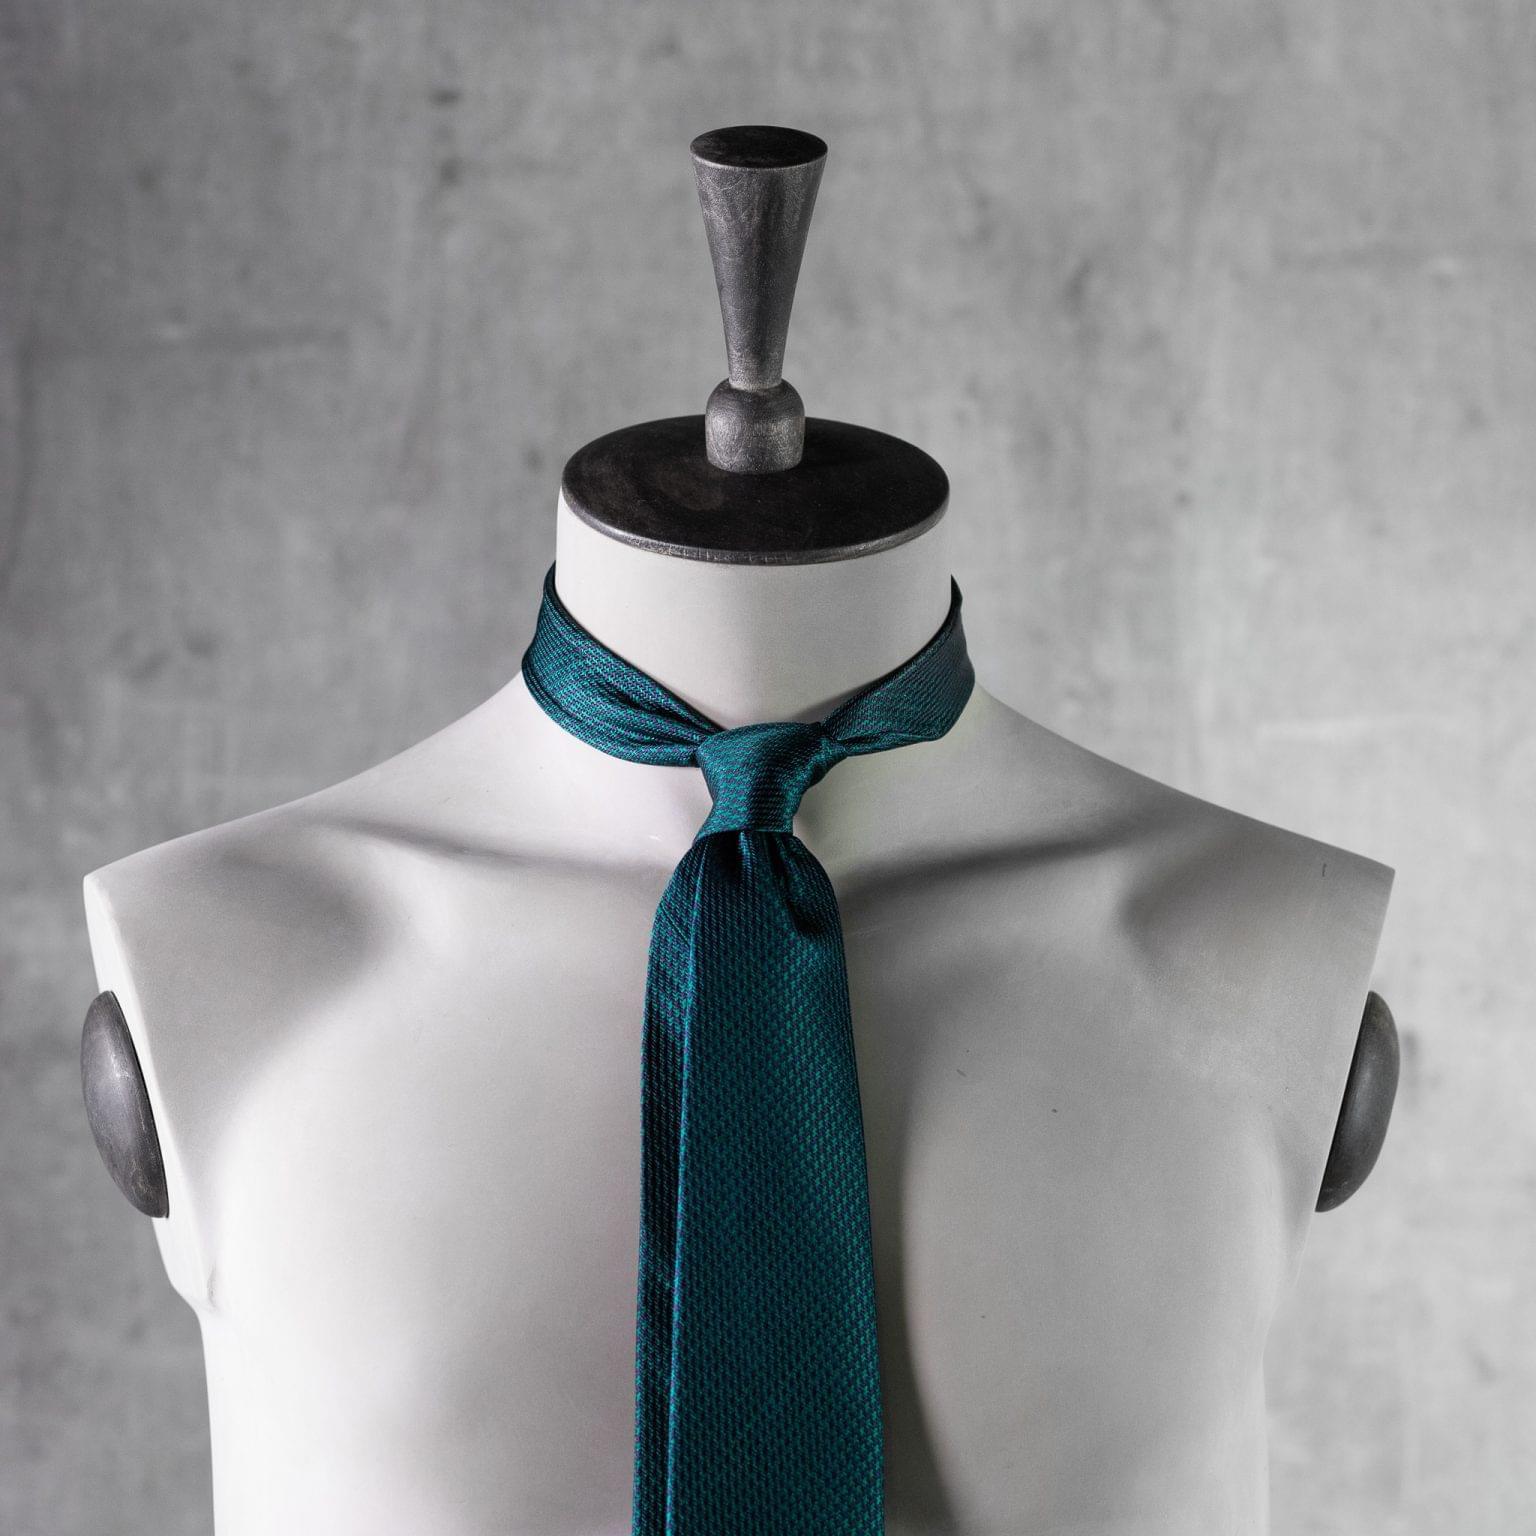 JACQUARD-0540-Tie-Initials-Corbata-Iniciales-The-Seelk-3